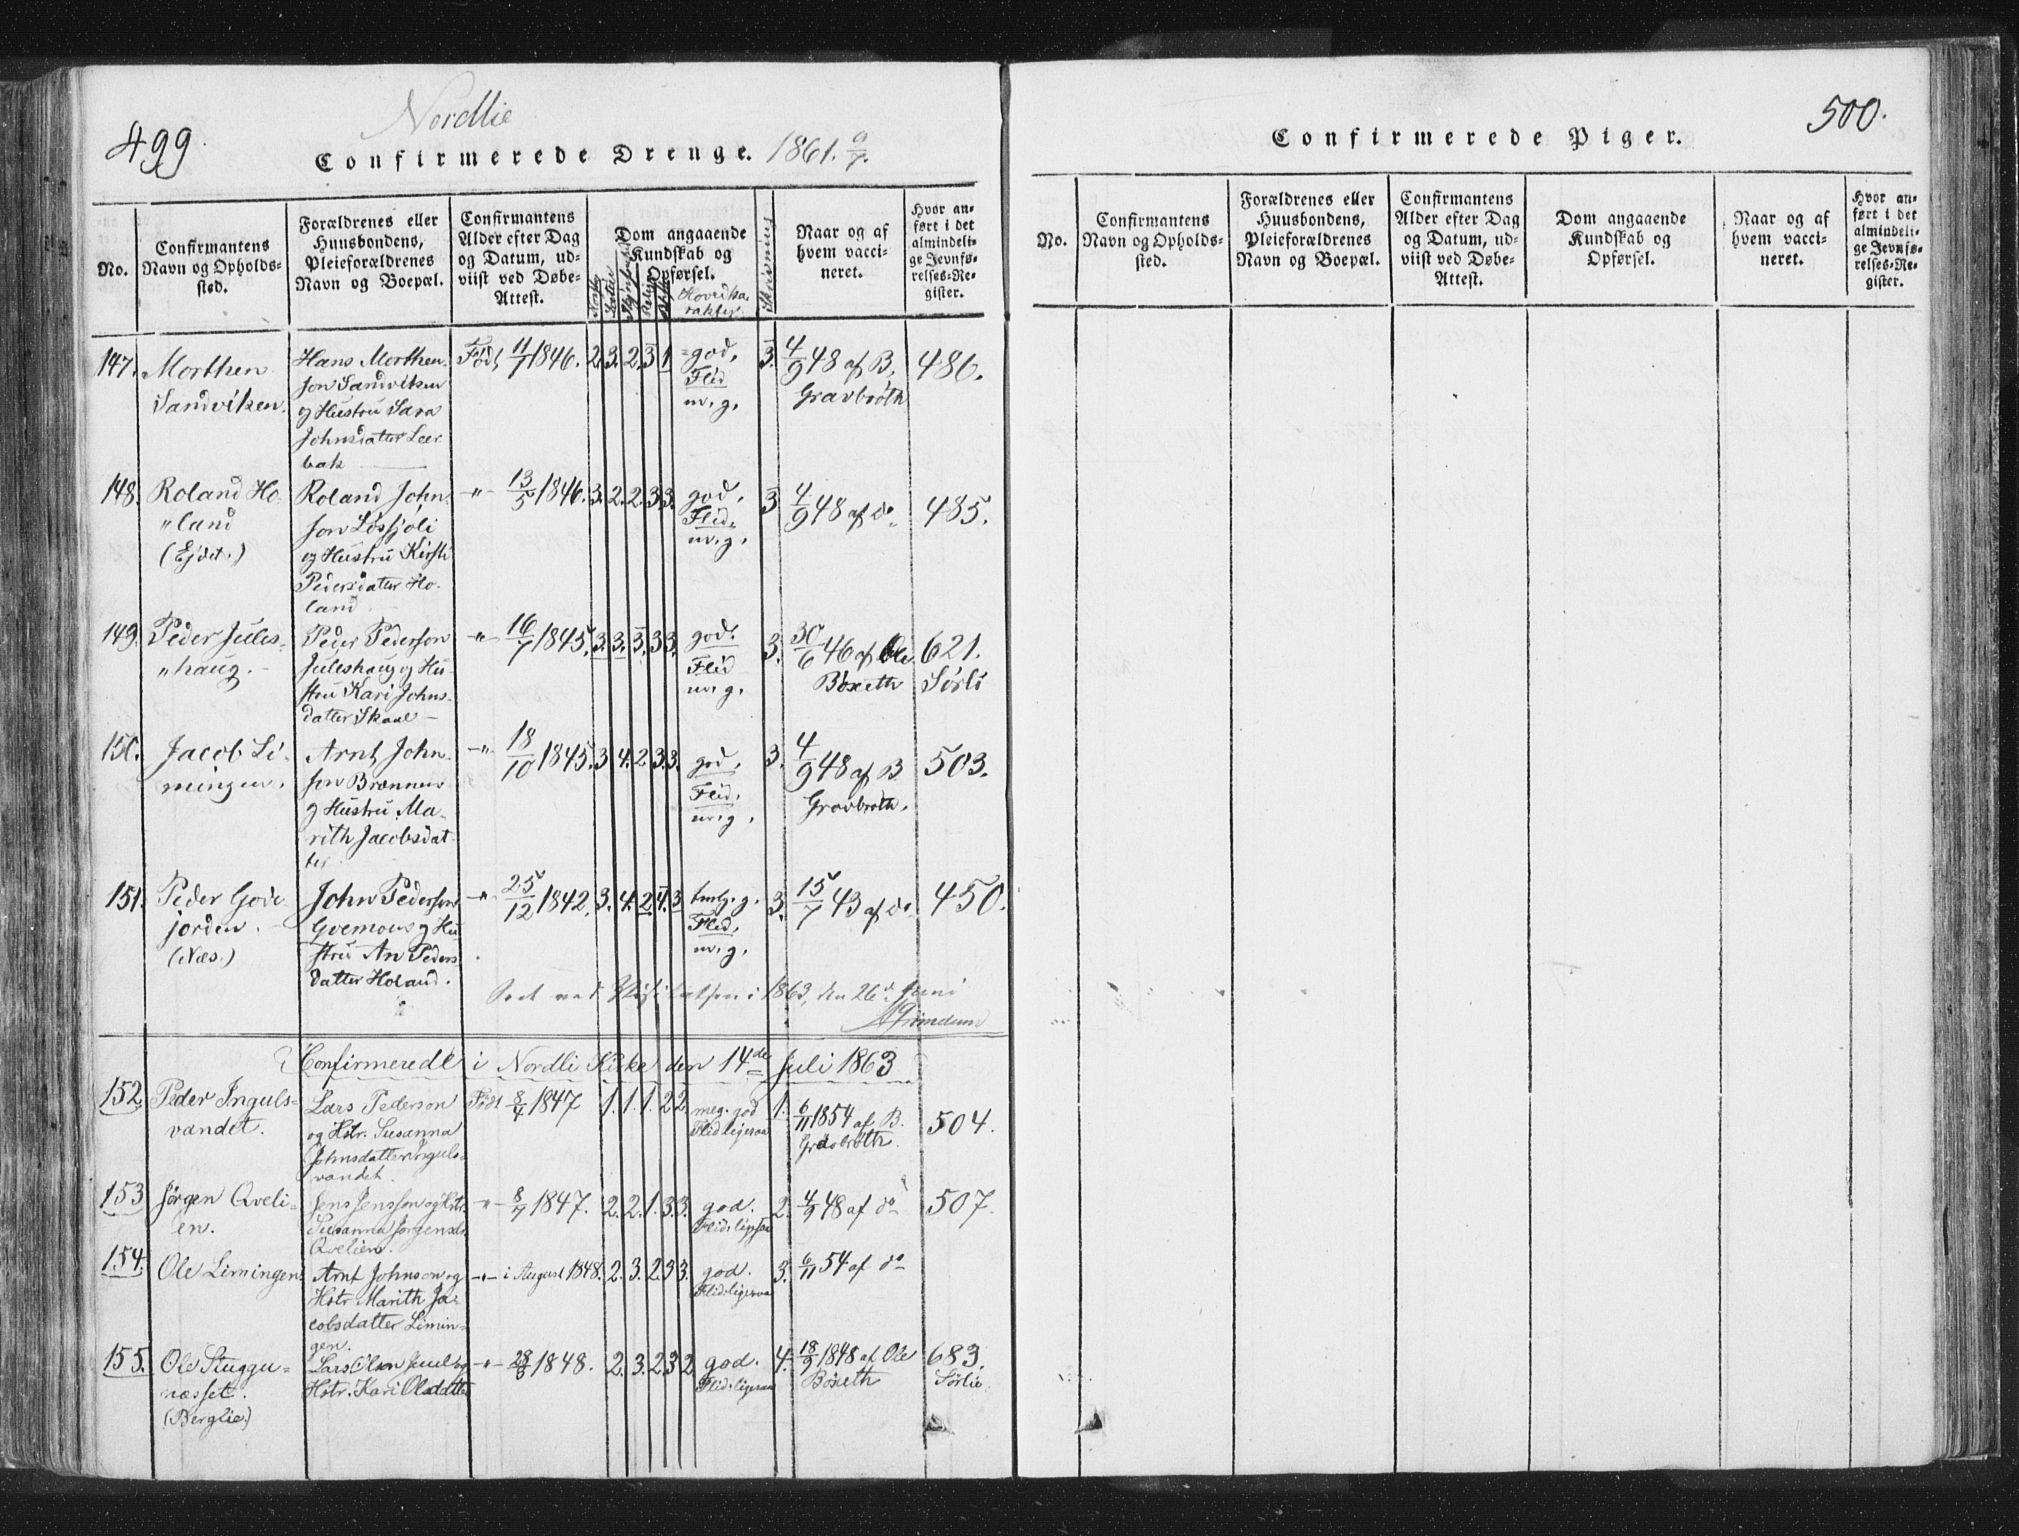 SAT, Ministerialprotokoller, klokkerbøker og fødselsregistre - Nord-Trøndelag, 755/L0491: Ministerialbok nr. 755A01 /1, 1817-1864, s. 499-500